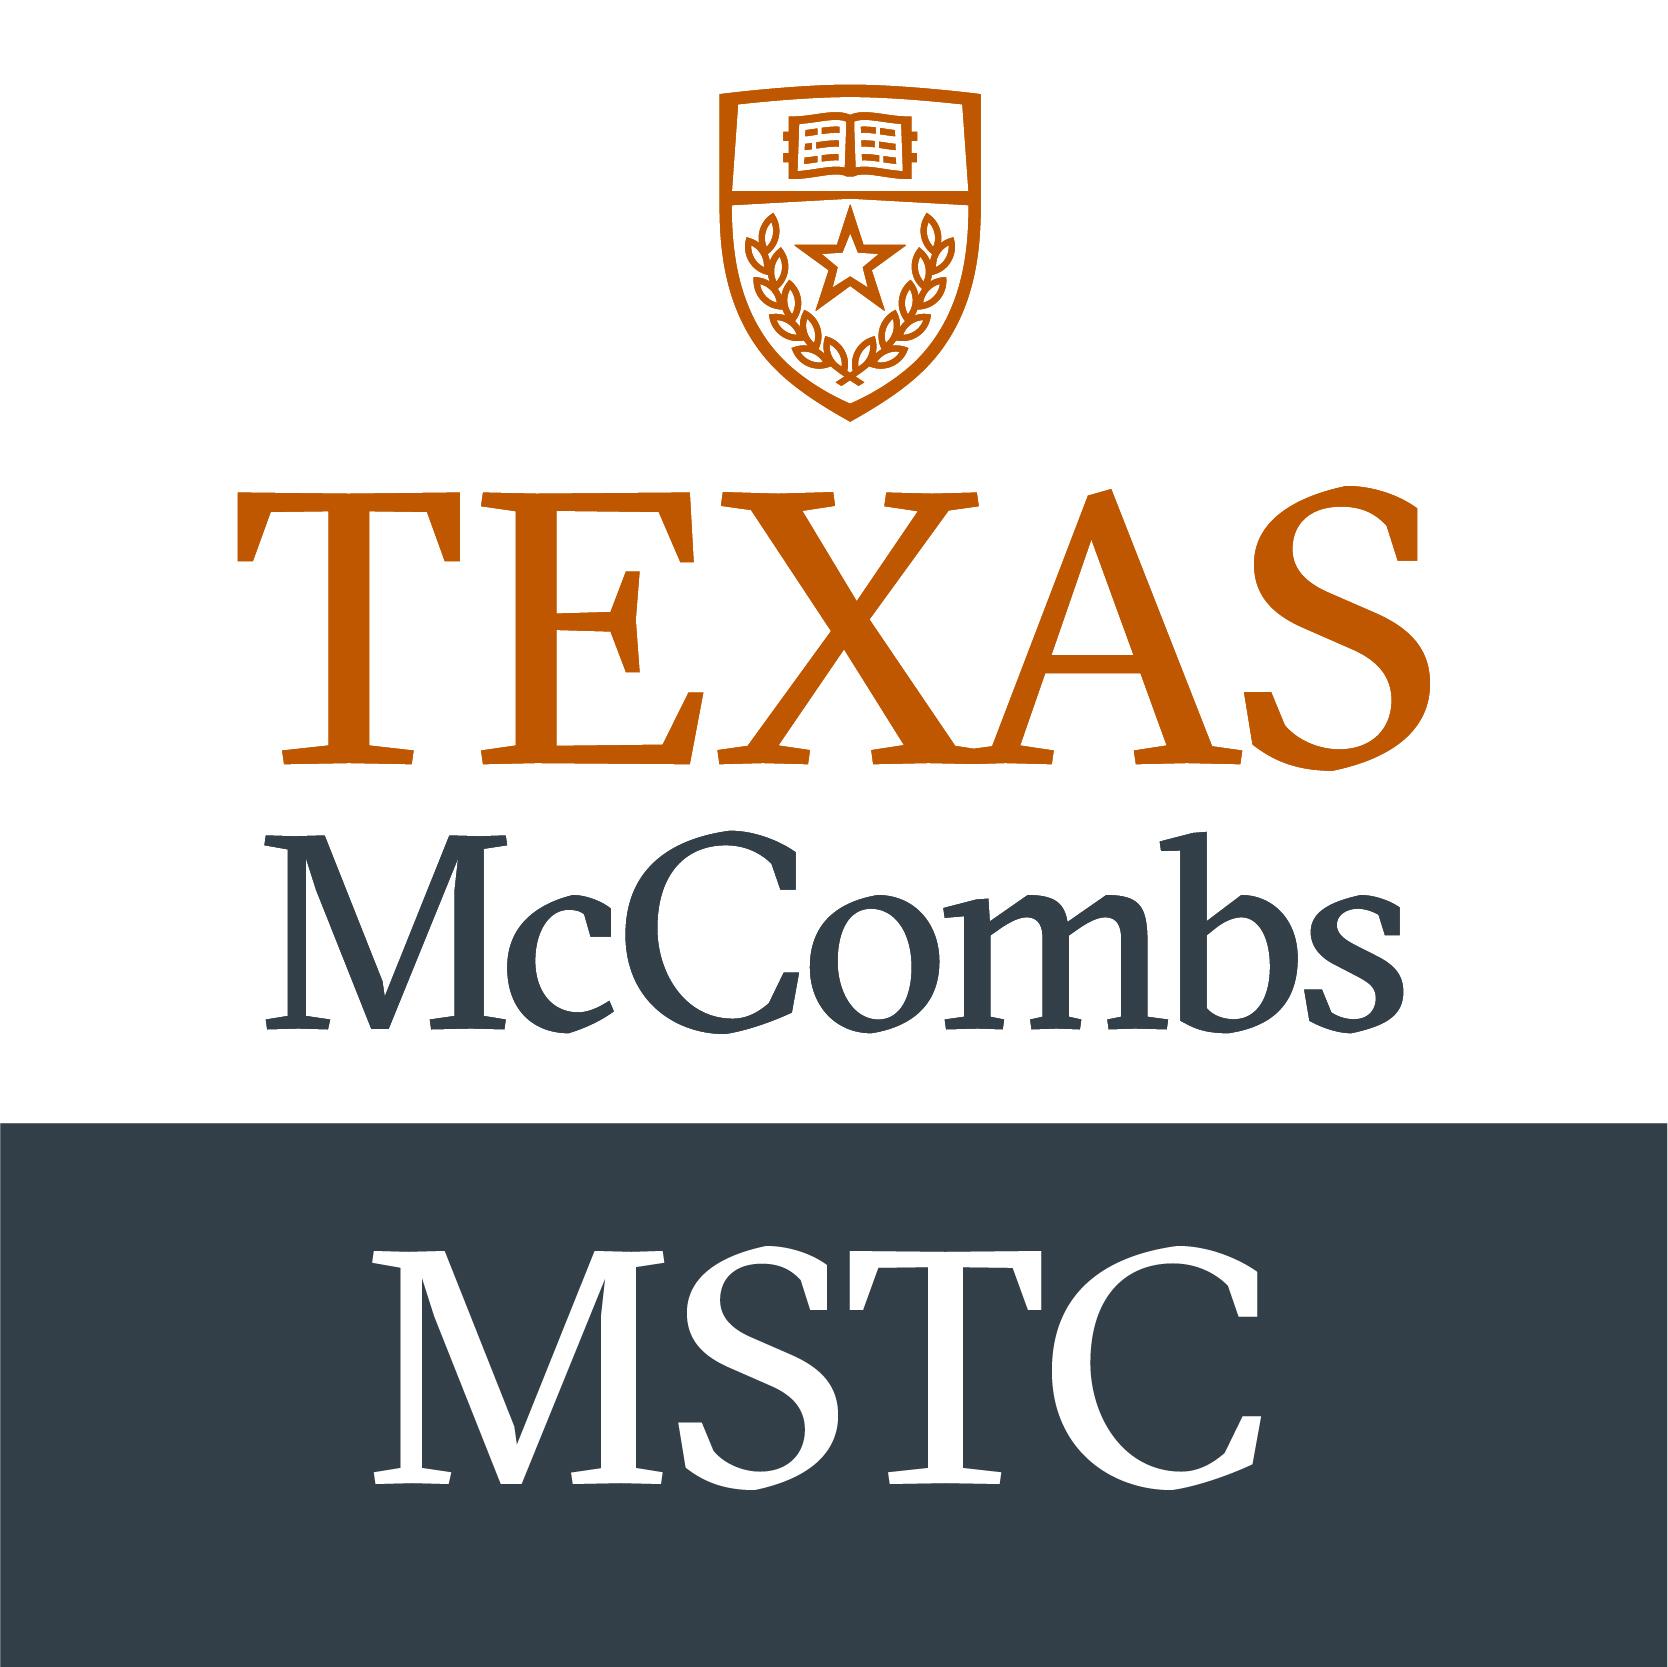 McCombs MSTC